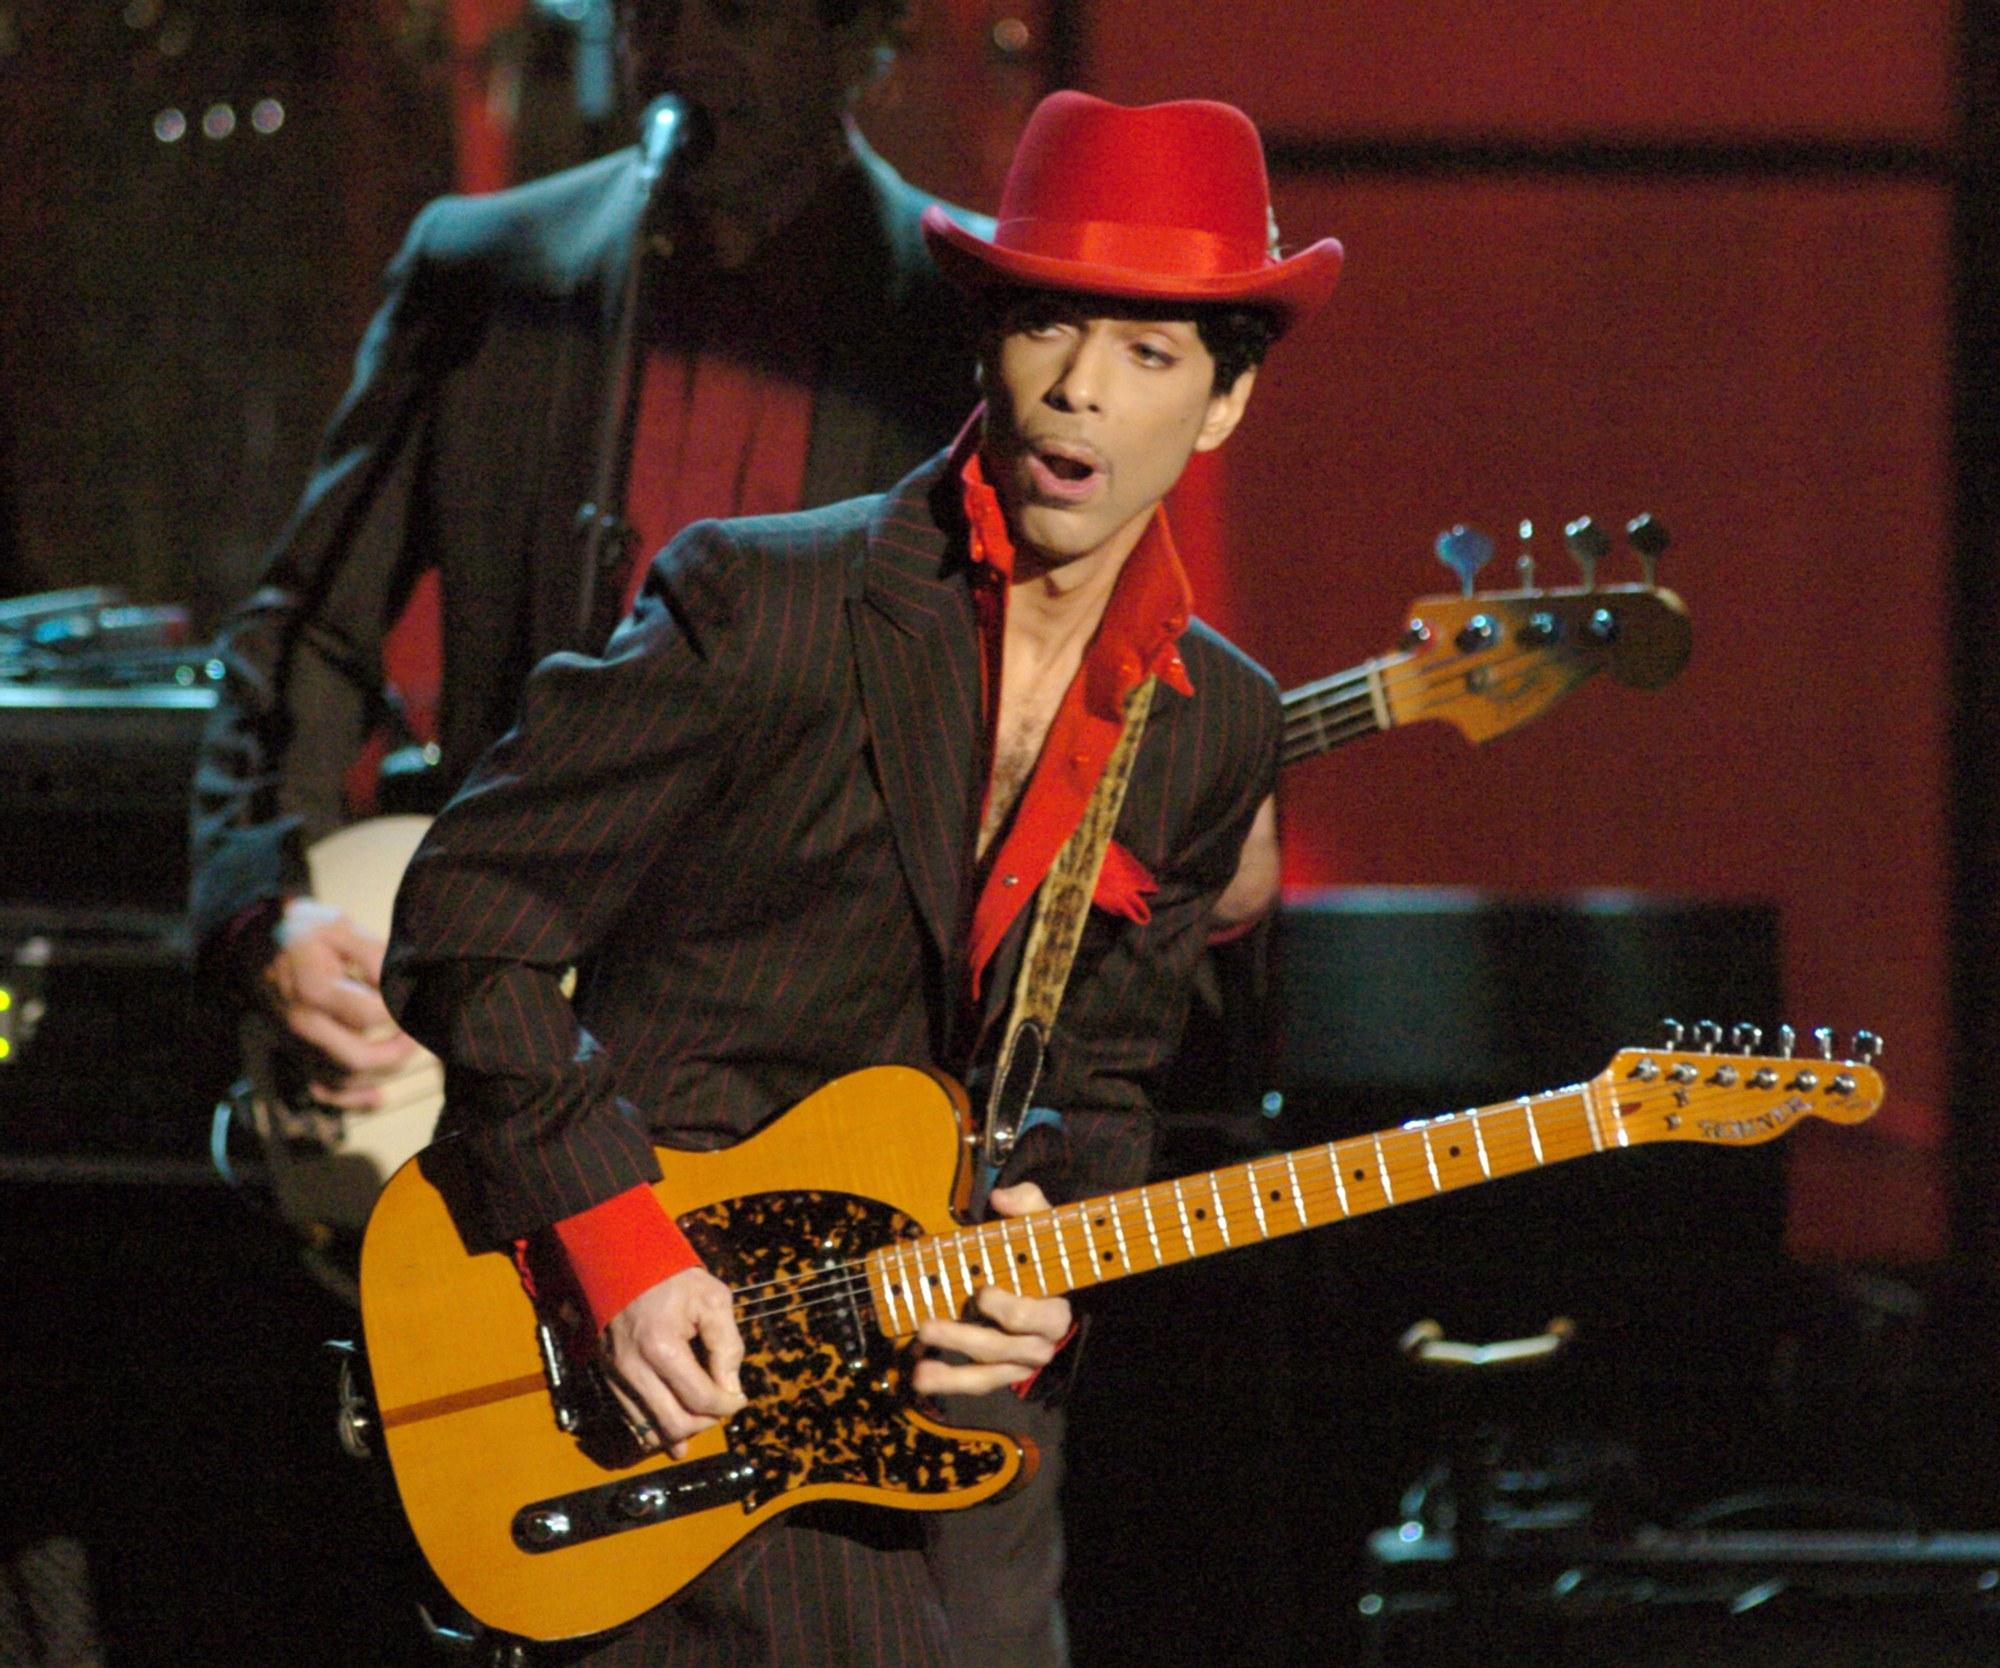 prince-rock-roll-hall-of-fame.jpg